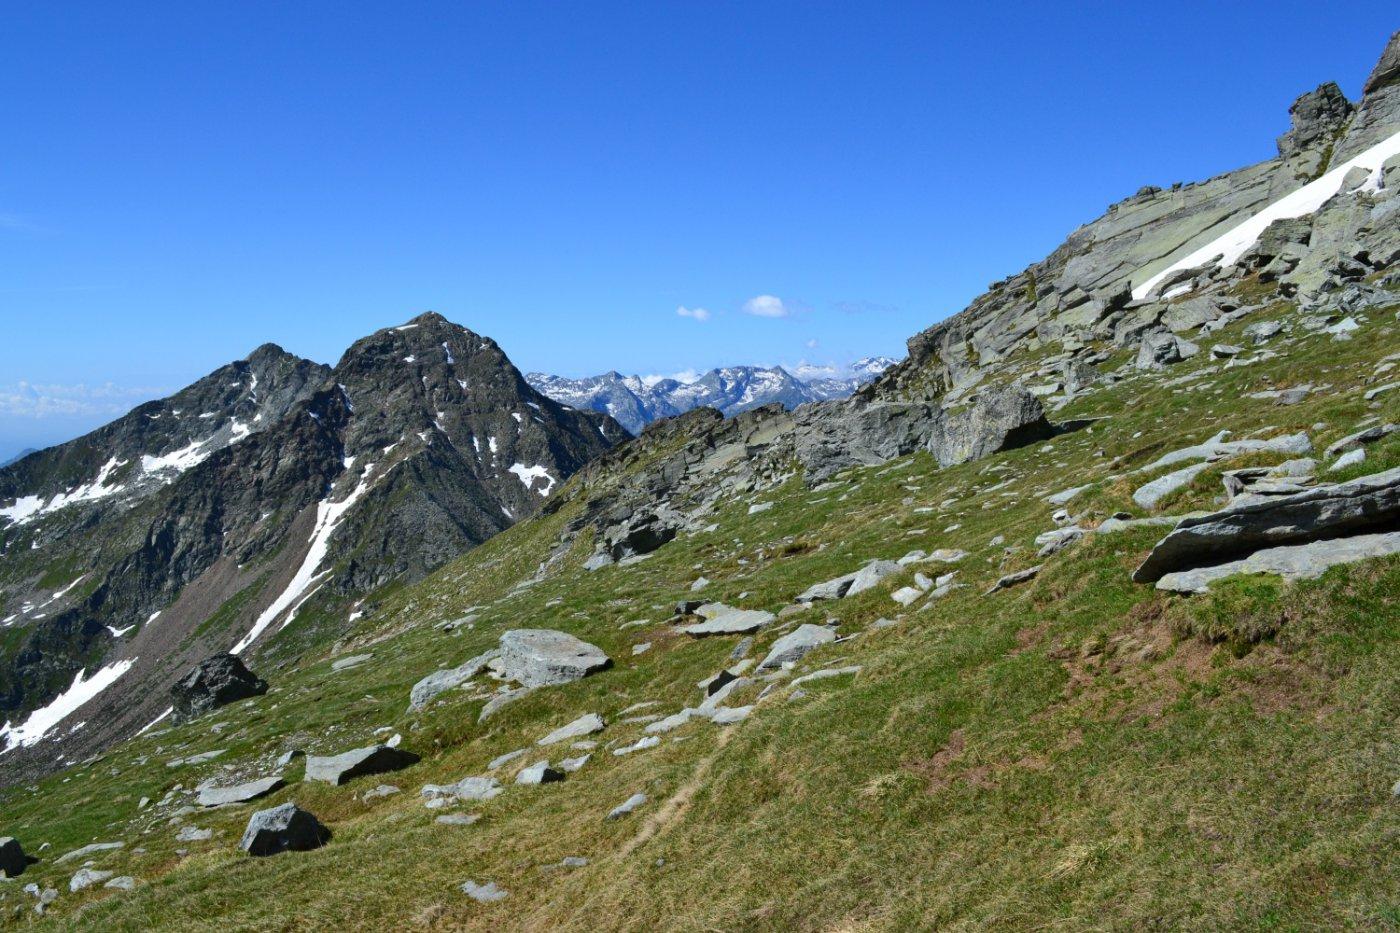 vista verso il Colle Dondeuil appena superata la bastionata rocciosa